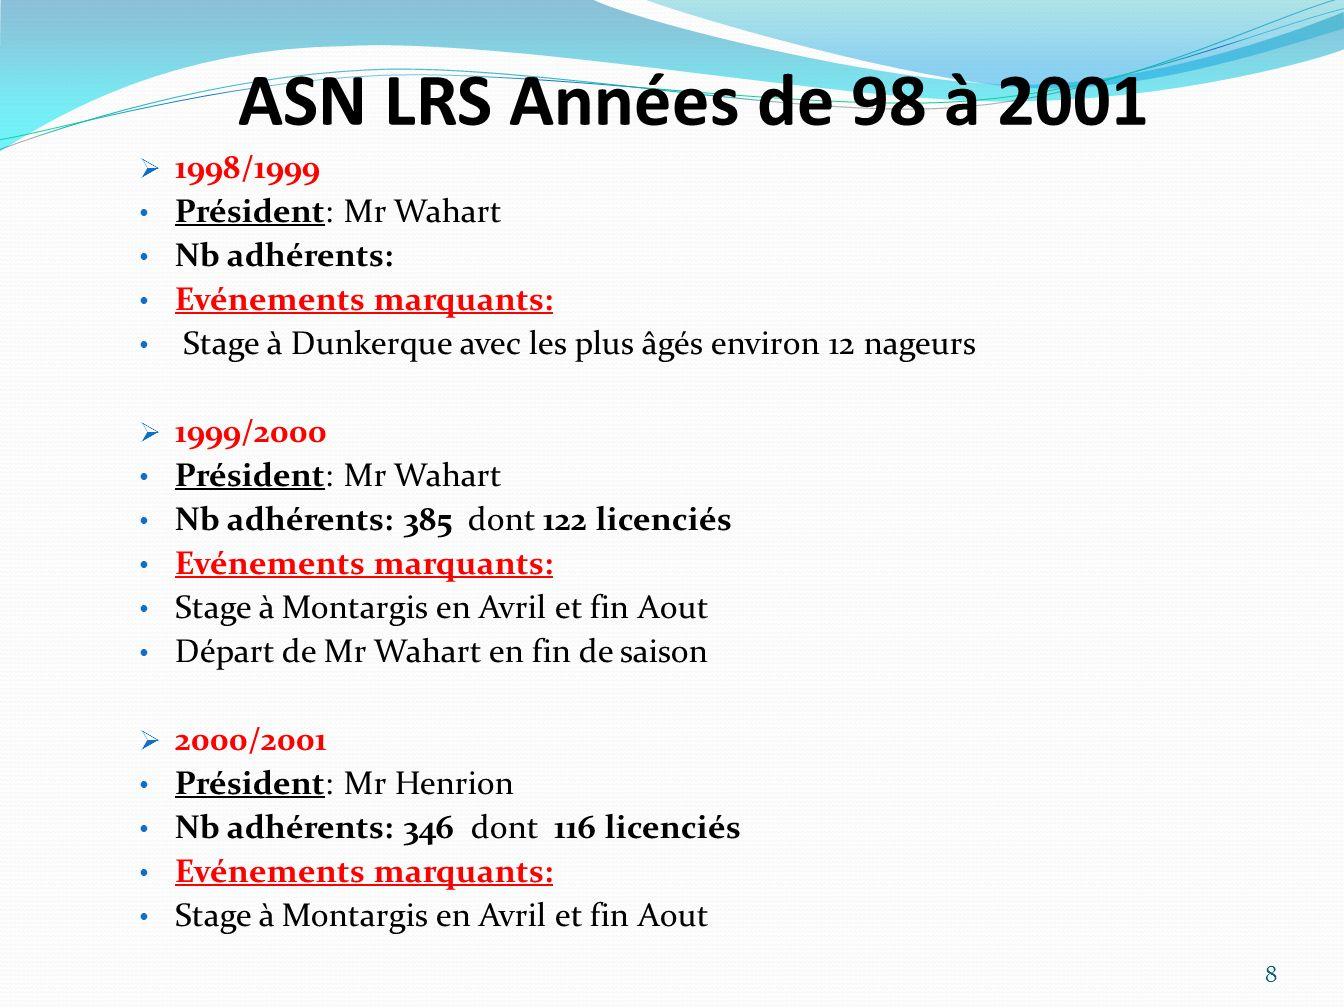 ASN LRS Années de 98 à 2001 1998/1999 Président: Mr Wahart Nb adhérents: Evénements marquants: Stage à Dunkerque avec les plus âgés environ 12 nageurs 1999/2000 Président: Mr Wahart Nb adhérents: 385 dont 122 licenciés Evénements marquants: Stage à Montargis en Avril et fin Aout Départ de Mr Wahart en fin de saison 2000/2001 Président: Mr Henrion Nb adhérents: 346 dont 116 licenciés Evénements marquants: Stage à Montargis en Avril et fin Aout 8